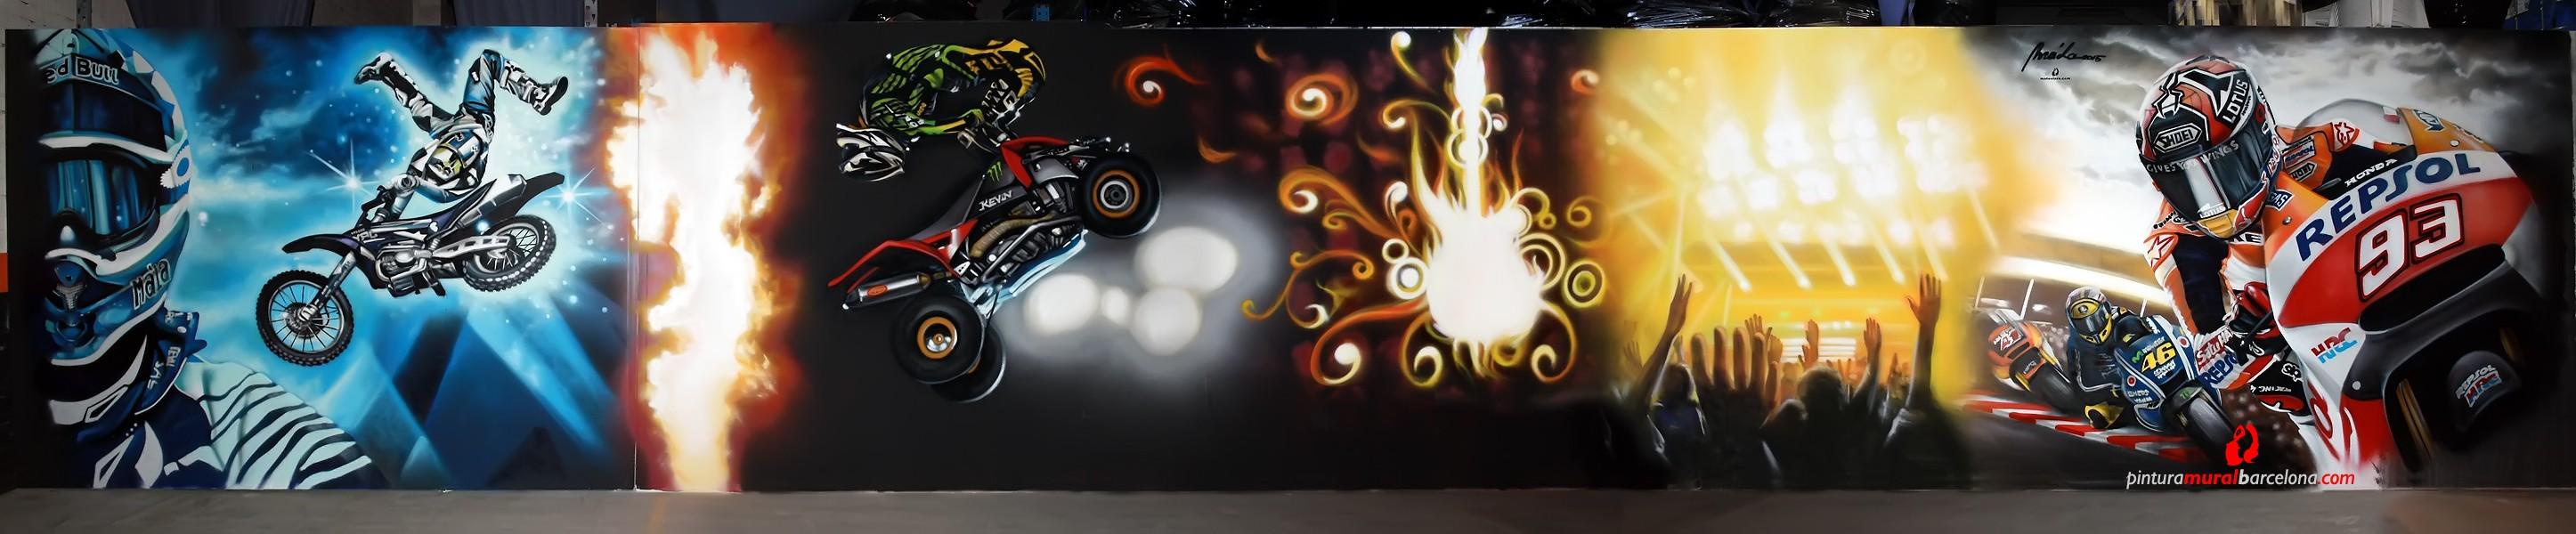 Mural graffiti moto quad freestyle pintura mural - Pintura mural barcelona ...